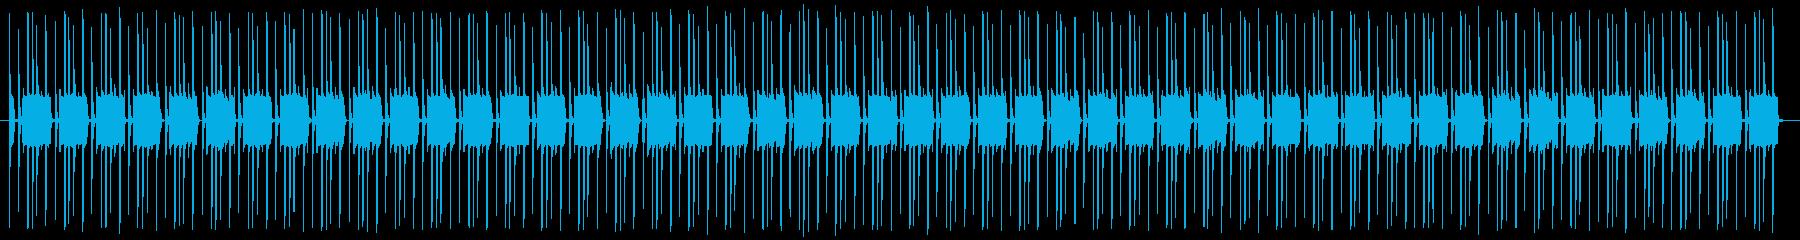 ベース&ドラムのみ 哀愁漂うジャム的音楽の再生済みの波形